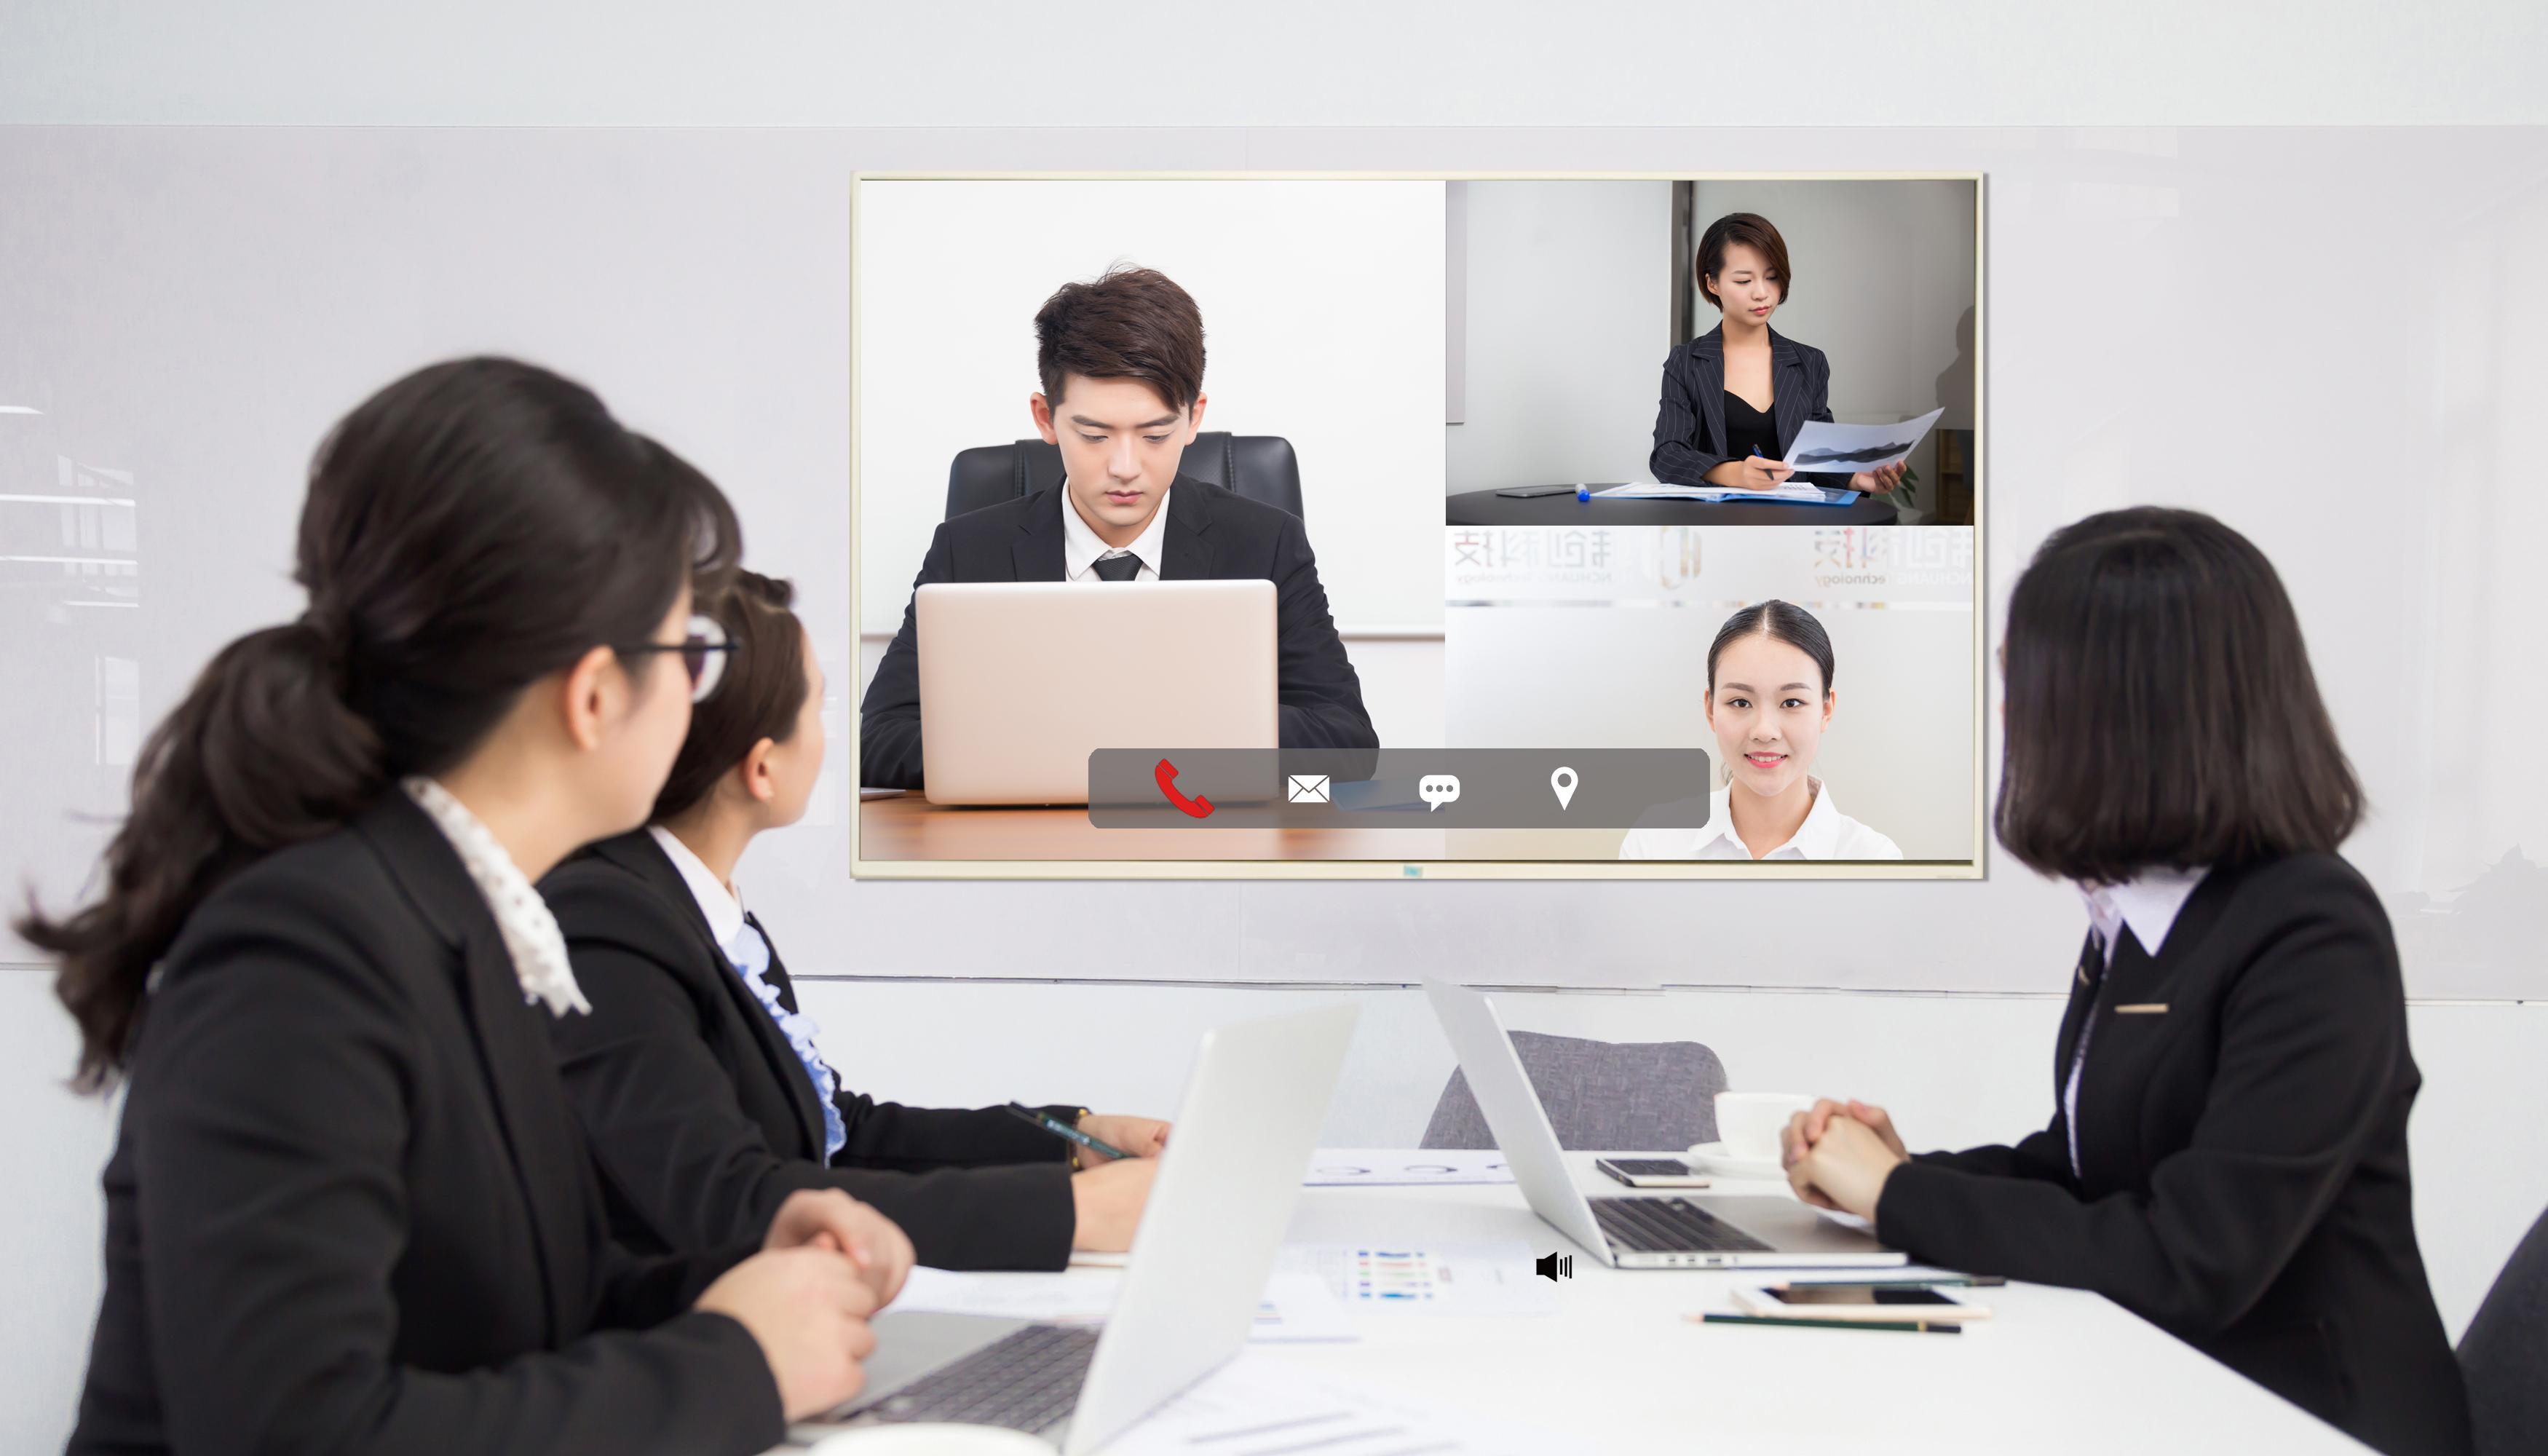 视频会议设备所应包含的基本功能有哪些 第2张